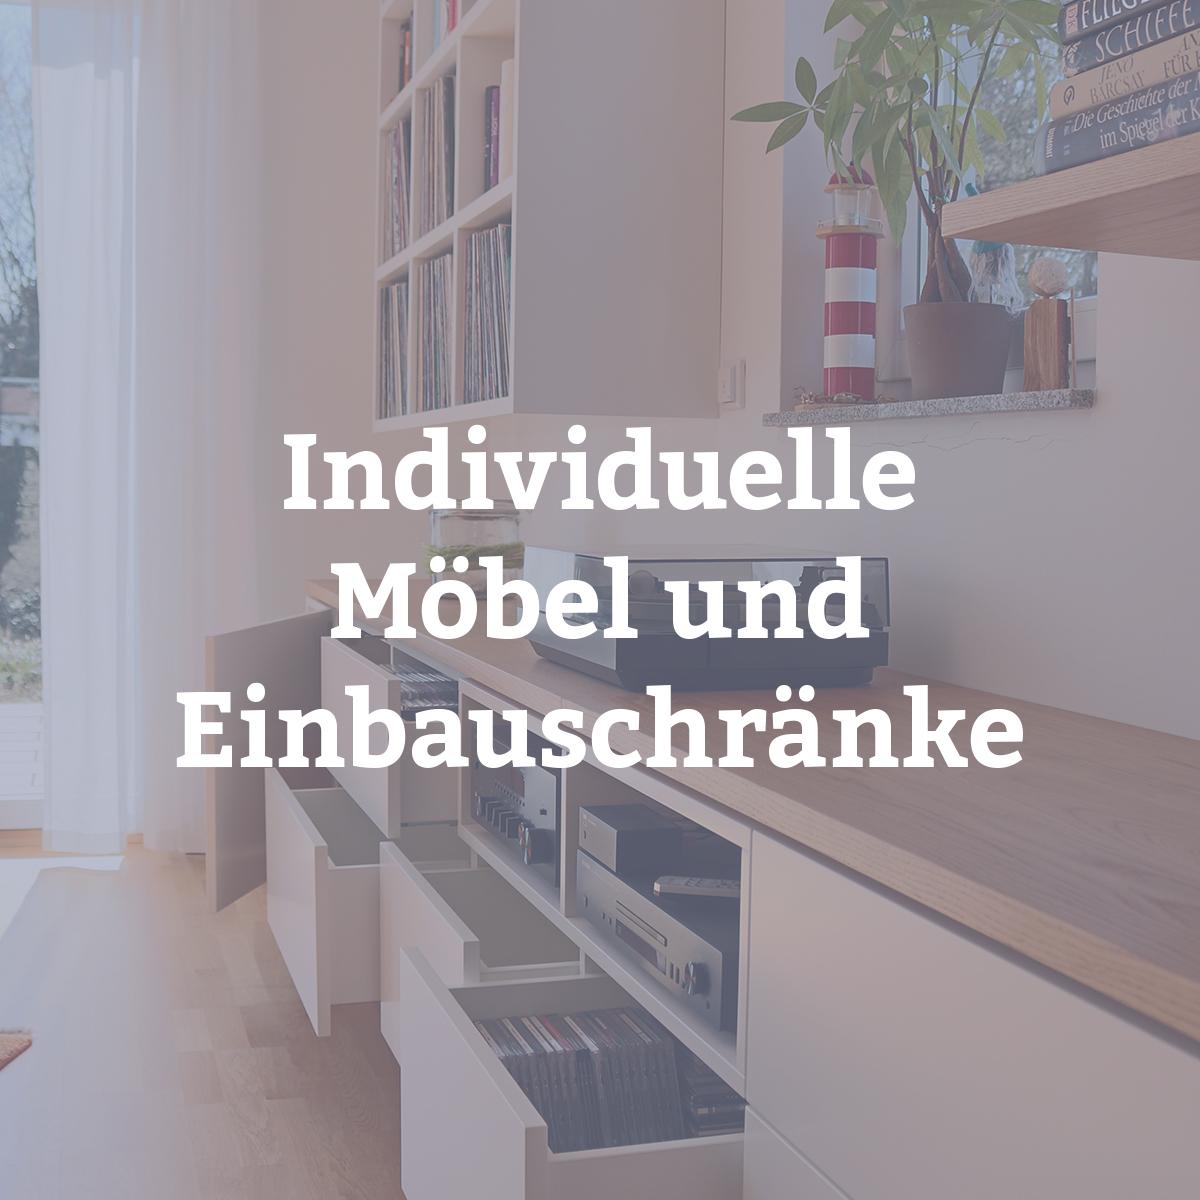 schreinerei_oliver_engelmann_ratingen_holz_individuelle_moebel_einbauschraenke_teaser